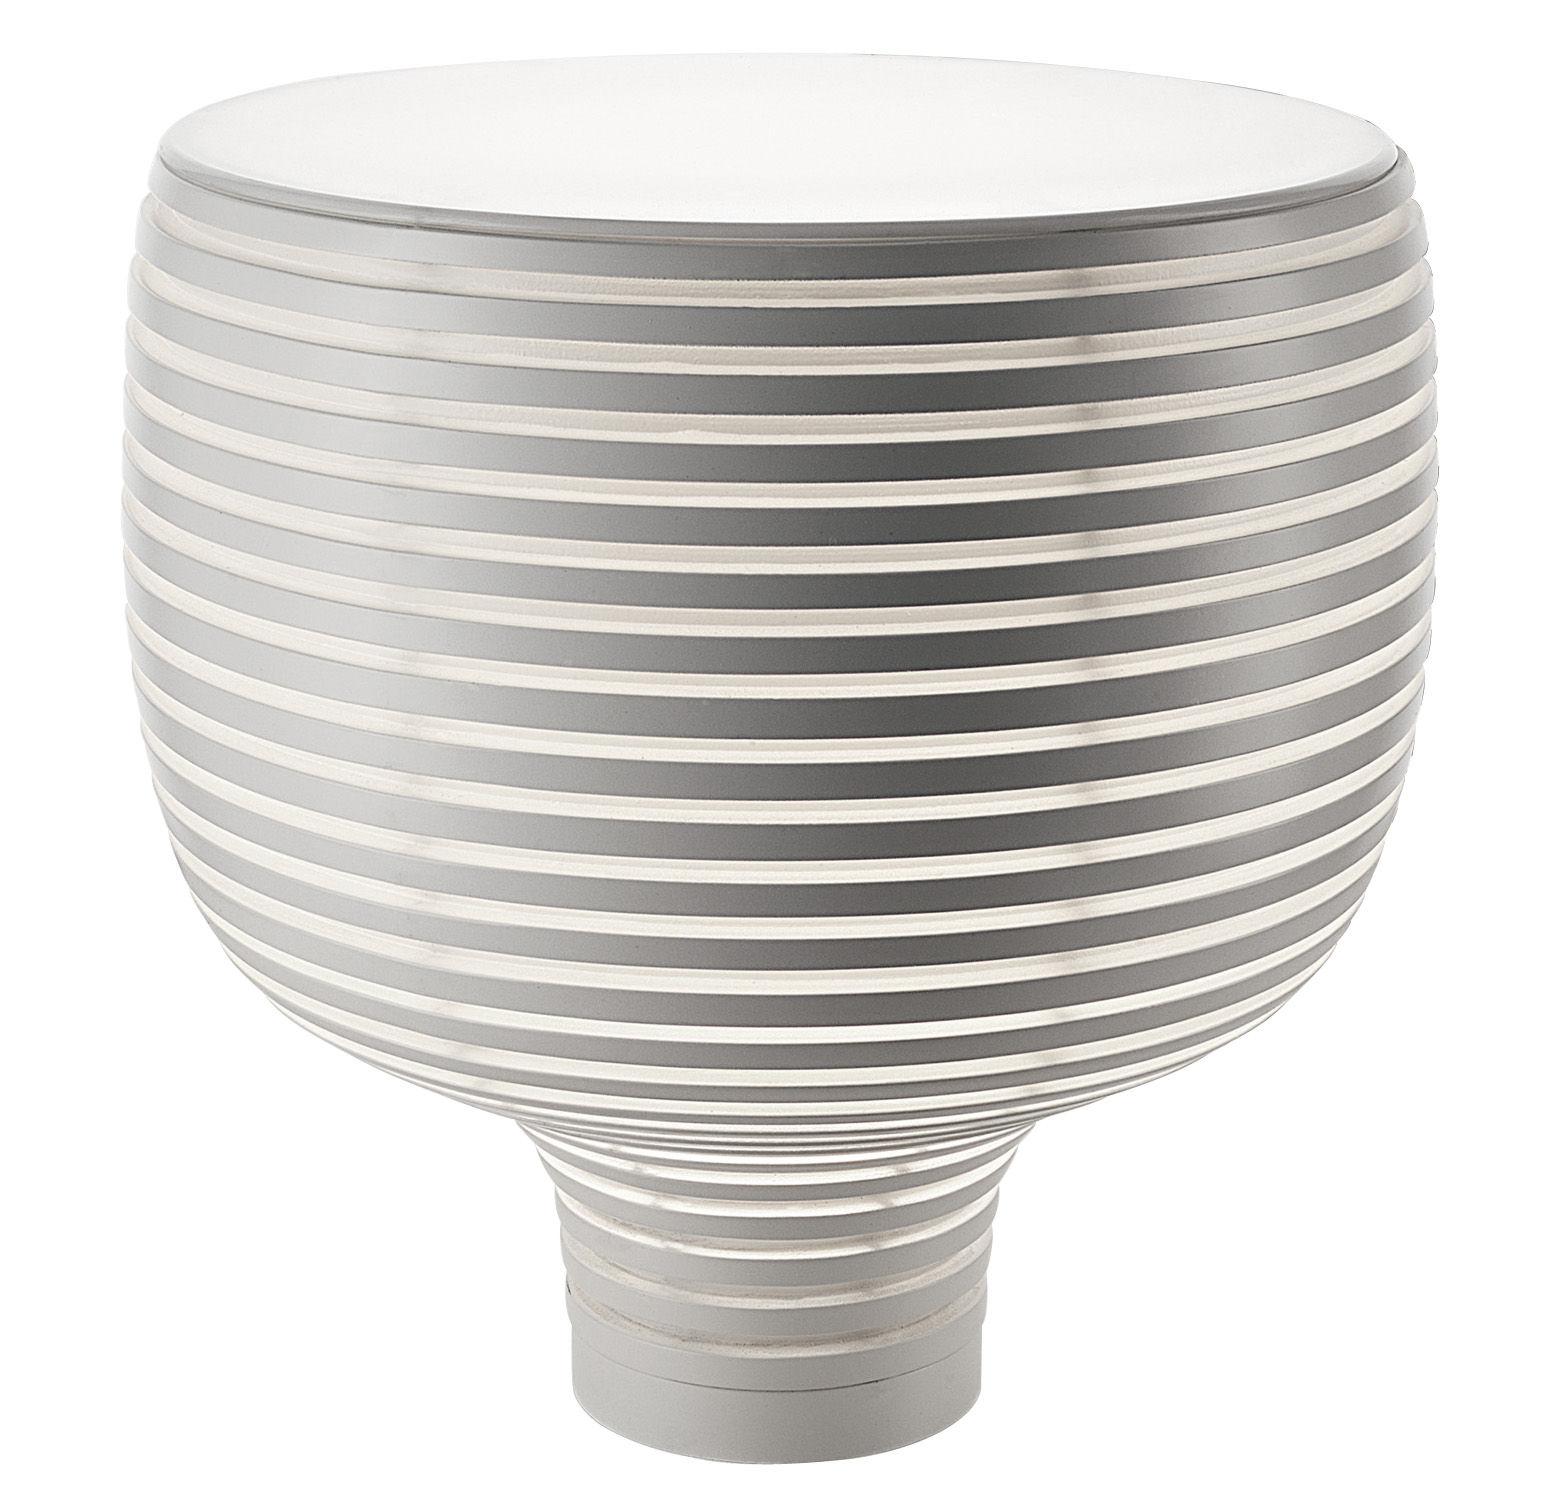 Leuchten - Tischleuchten - Behive Tischleuchte - Foscarini - Weiß - Polykarbonat